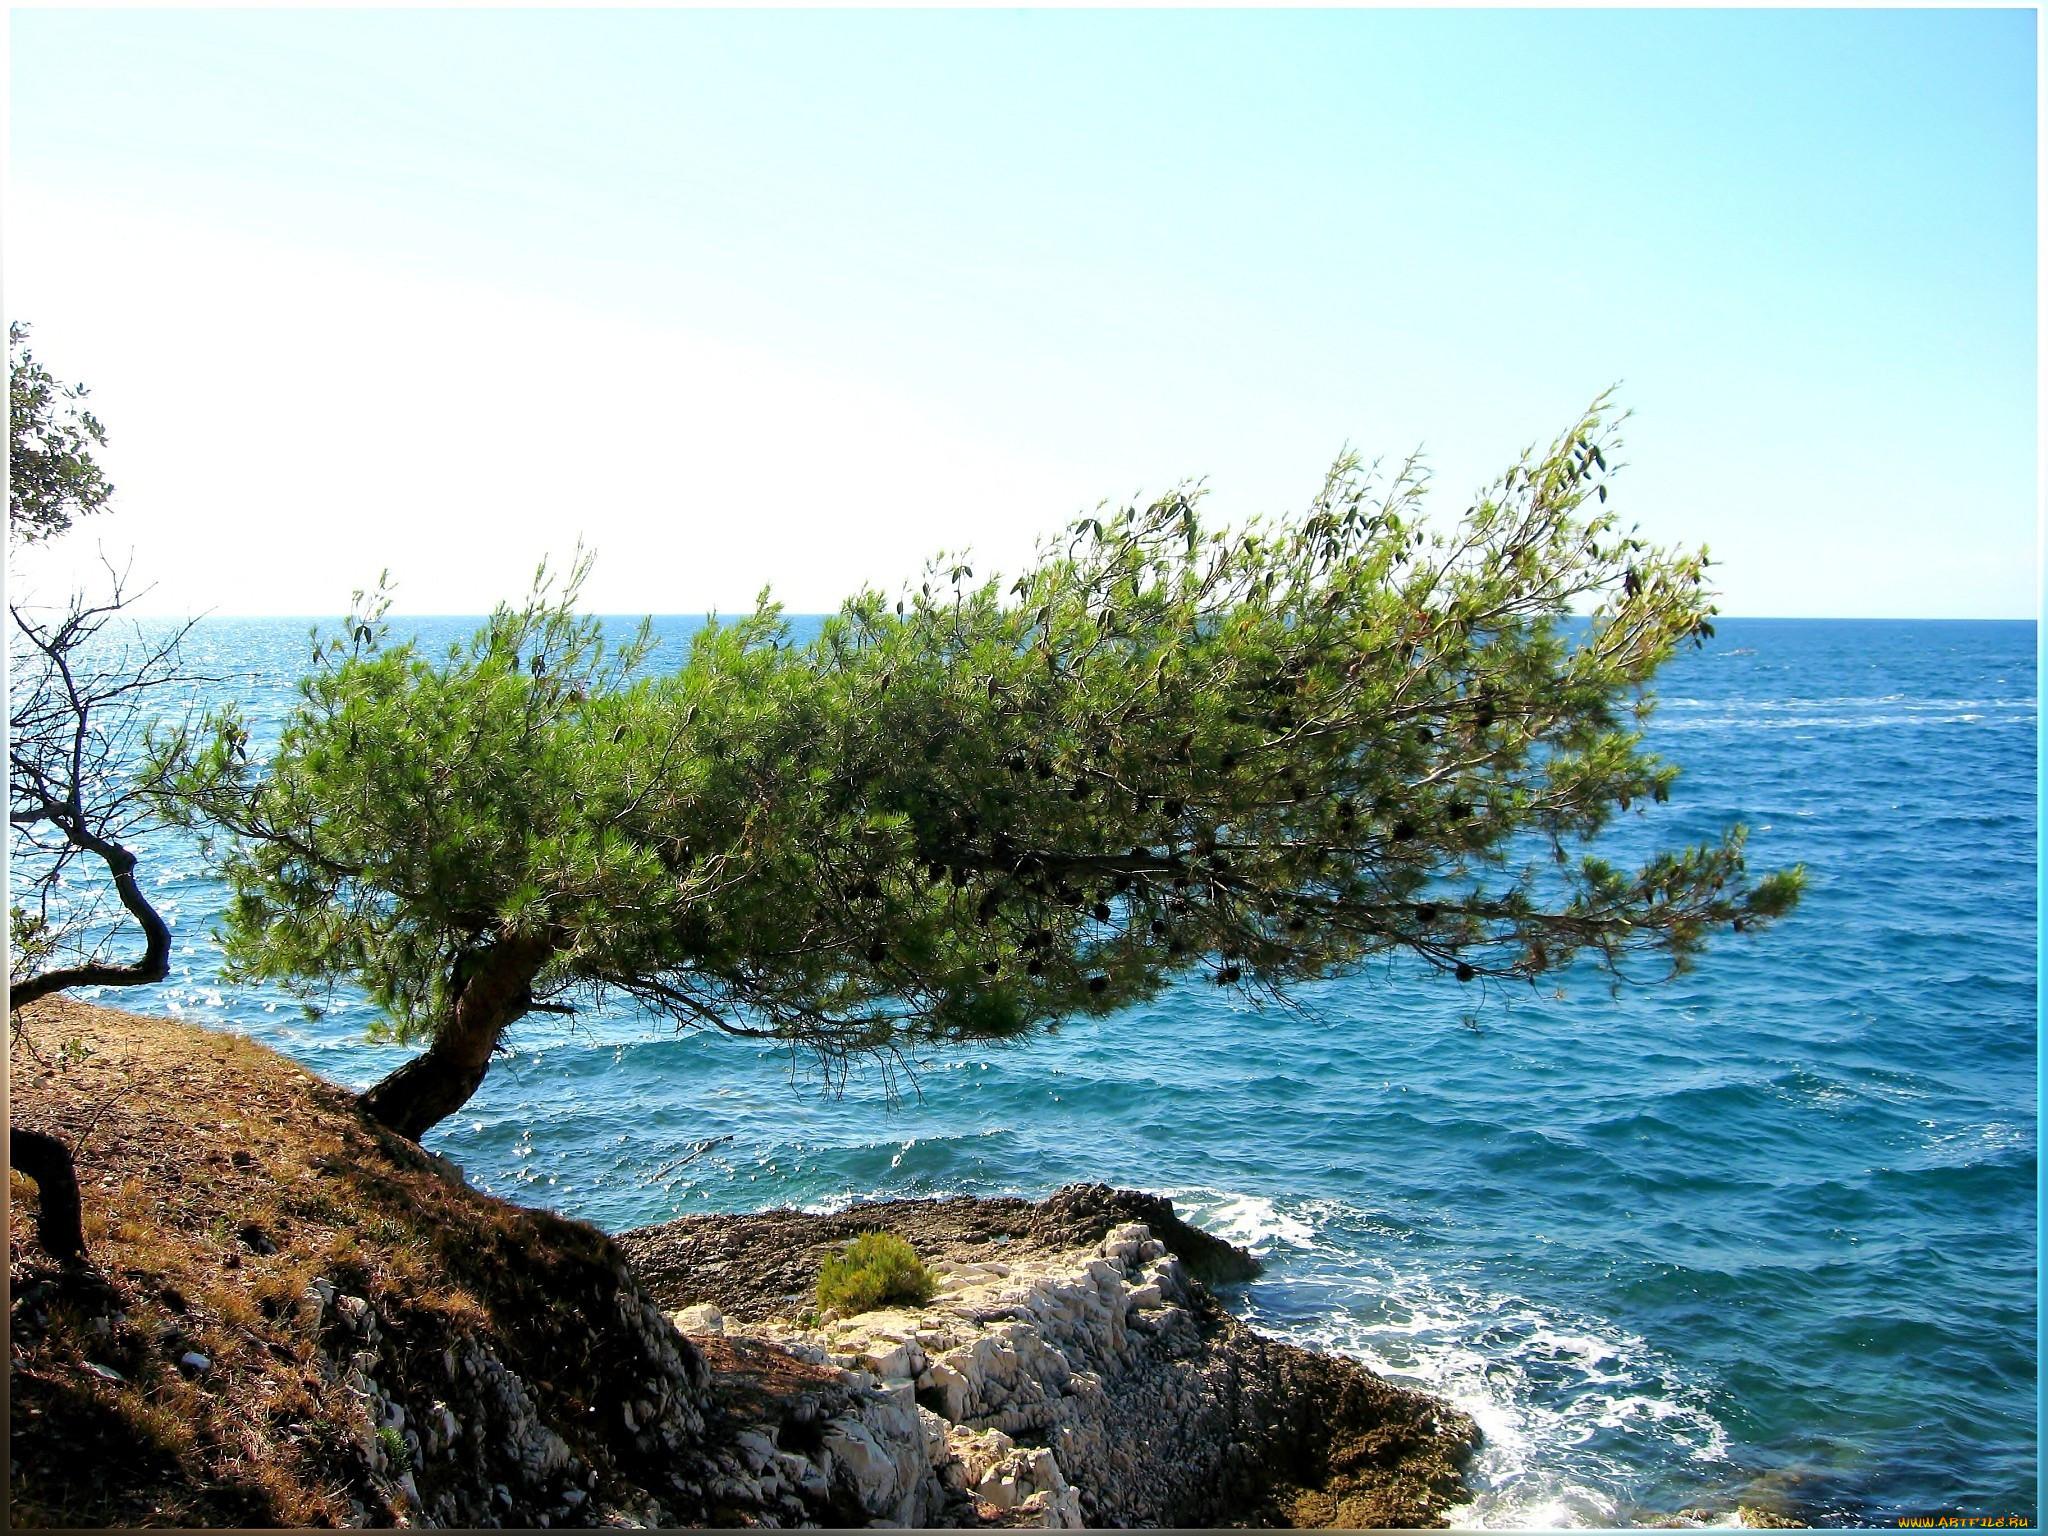 Narod И На Камнях Растут Деревья